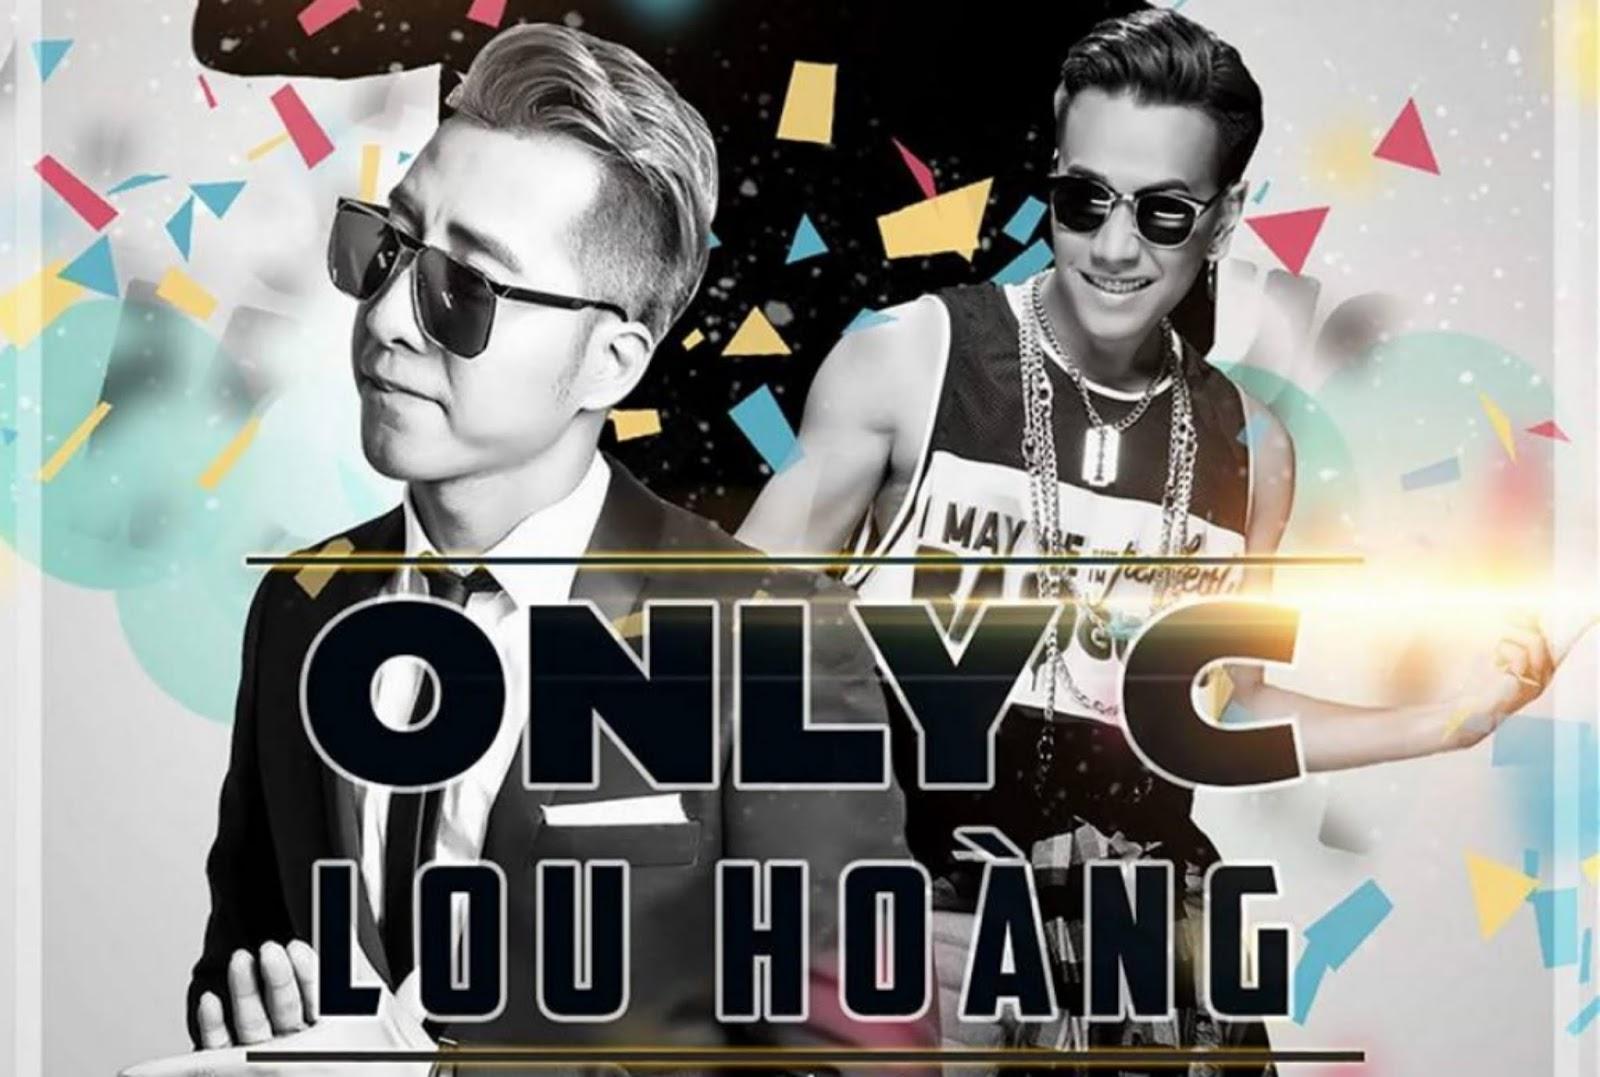 Dem Ngay Xa Em Lyrics onlyc feat. lou hoàng - Đếm ngày xa em lyrics - musicacrossasia